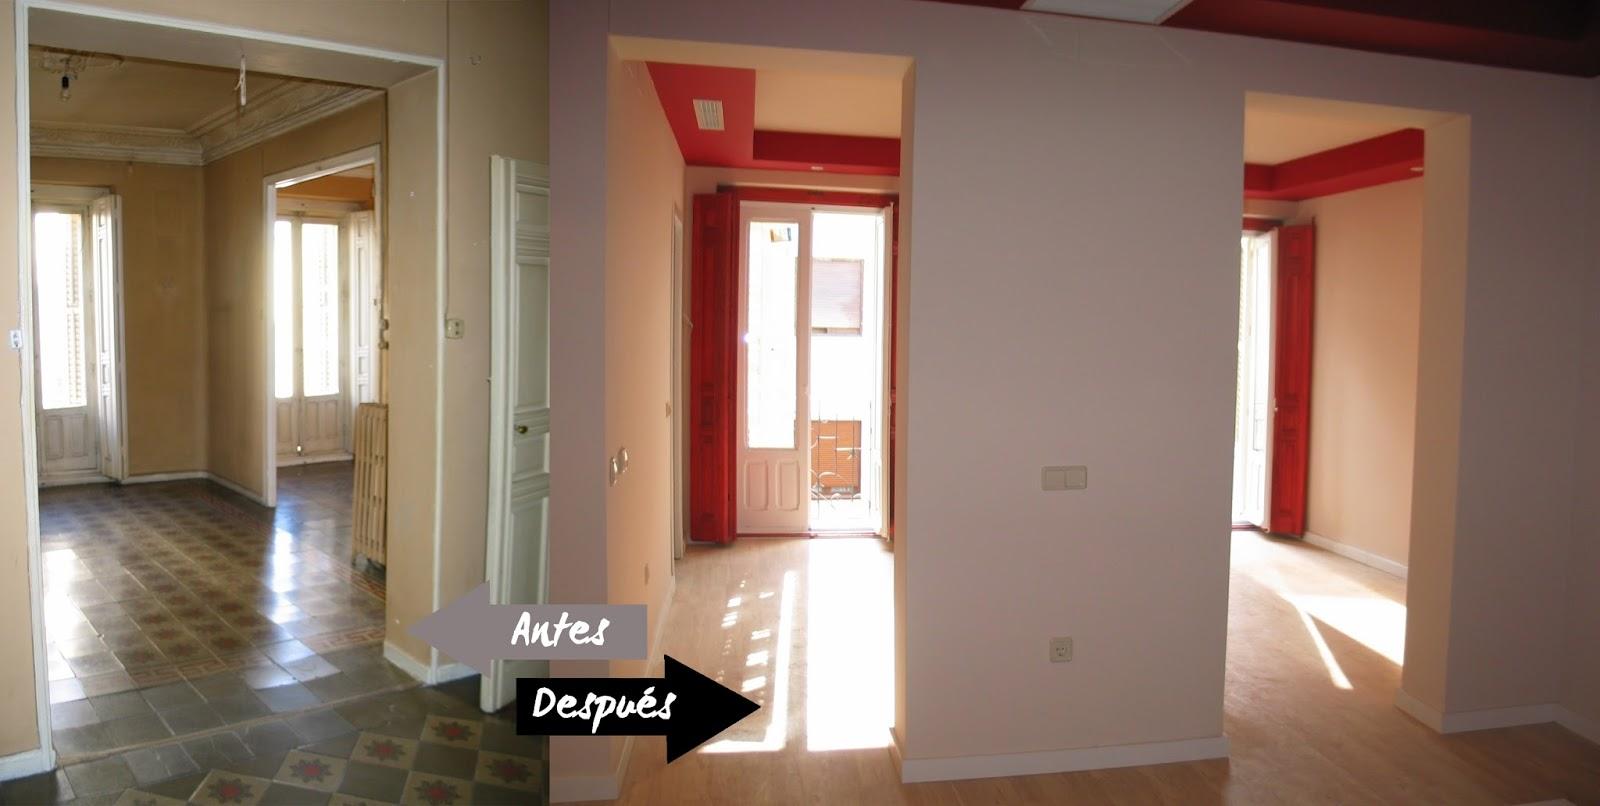 Diariodeco12 antes y despu s the deco soul for Mi piso antes y despues